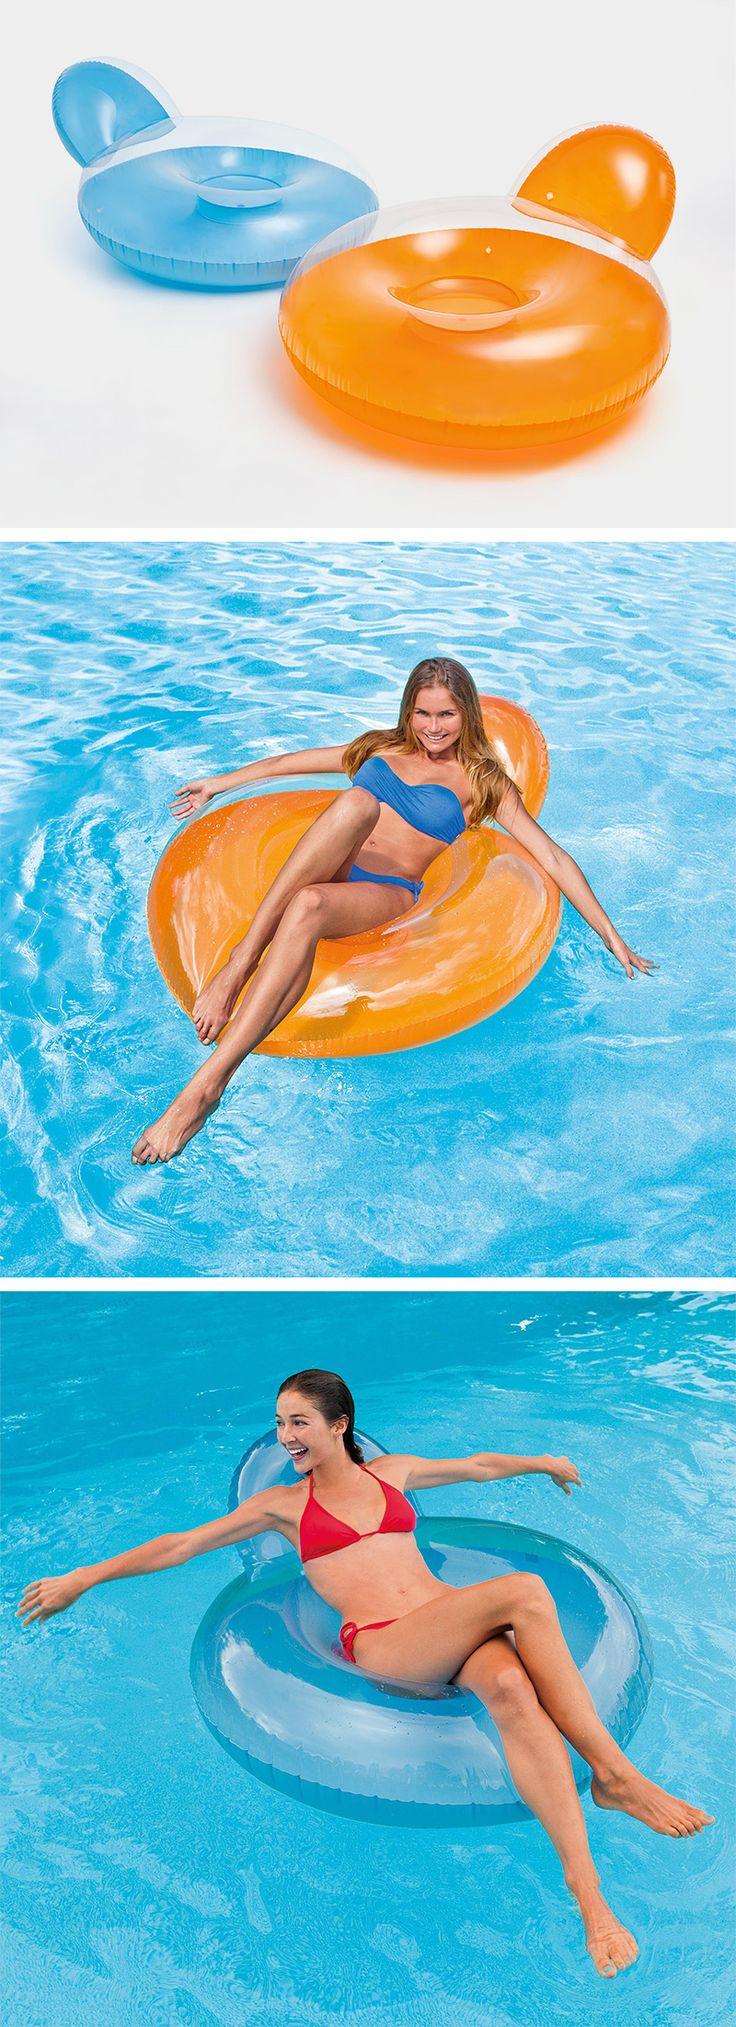 Mehr Relaxing Geht Nicht: Mit Dem Aufblasbaren Schwimmsessel Können Sie Im  Pool Einen Entspannten Tag